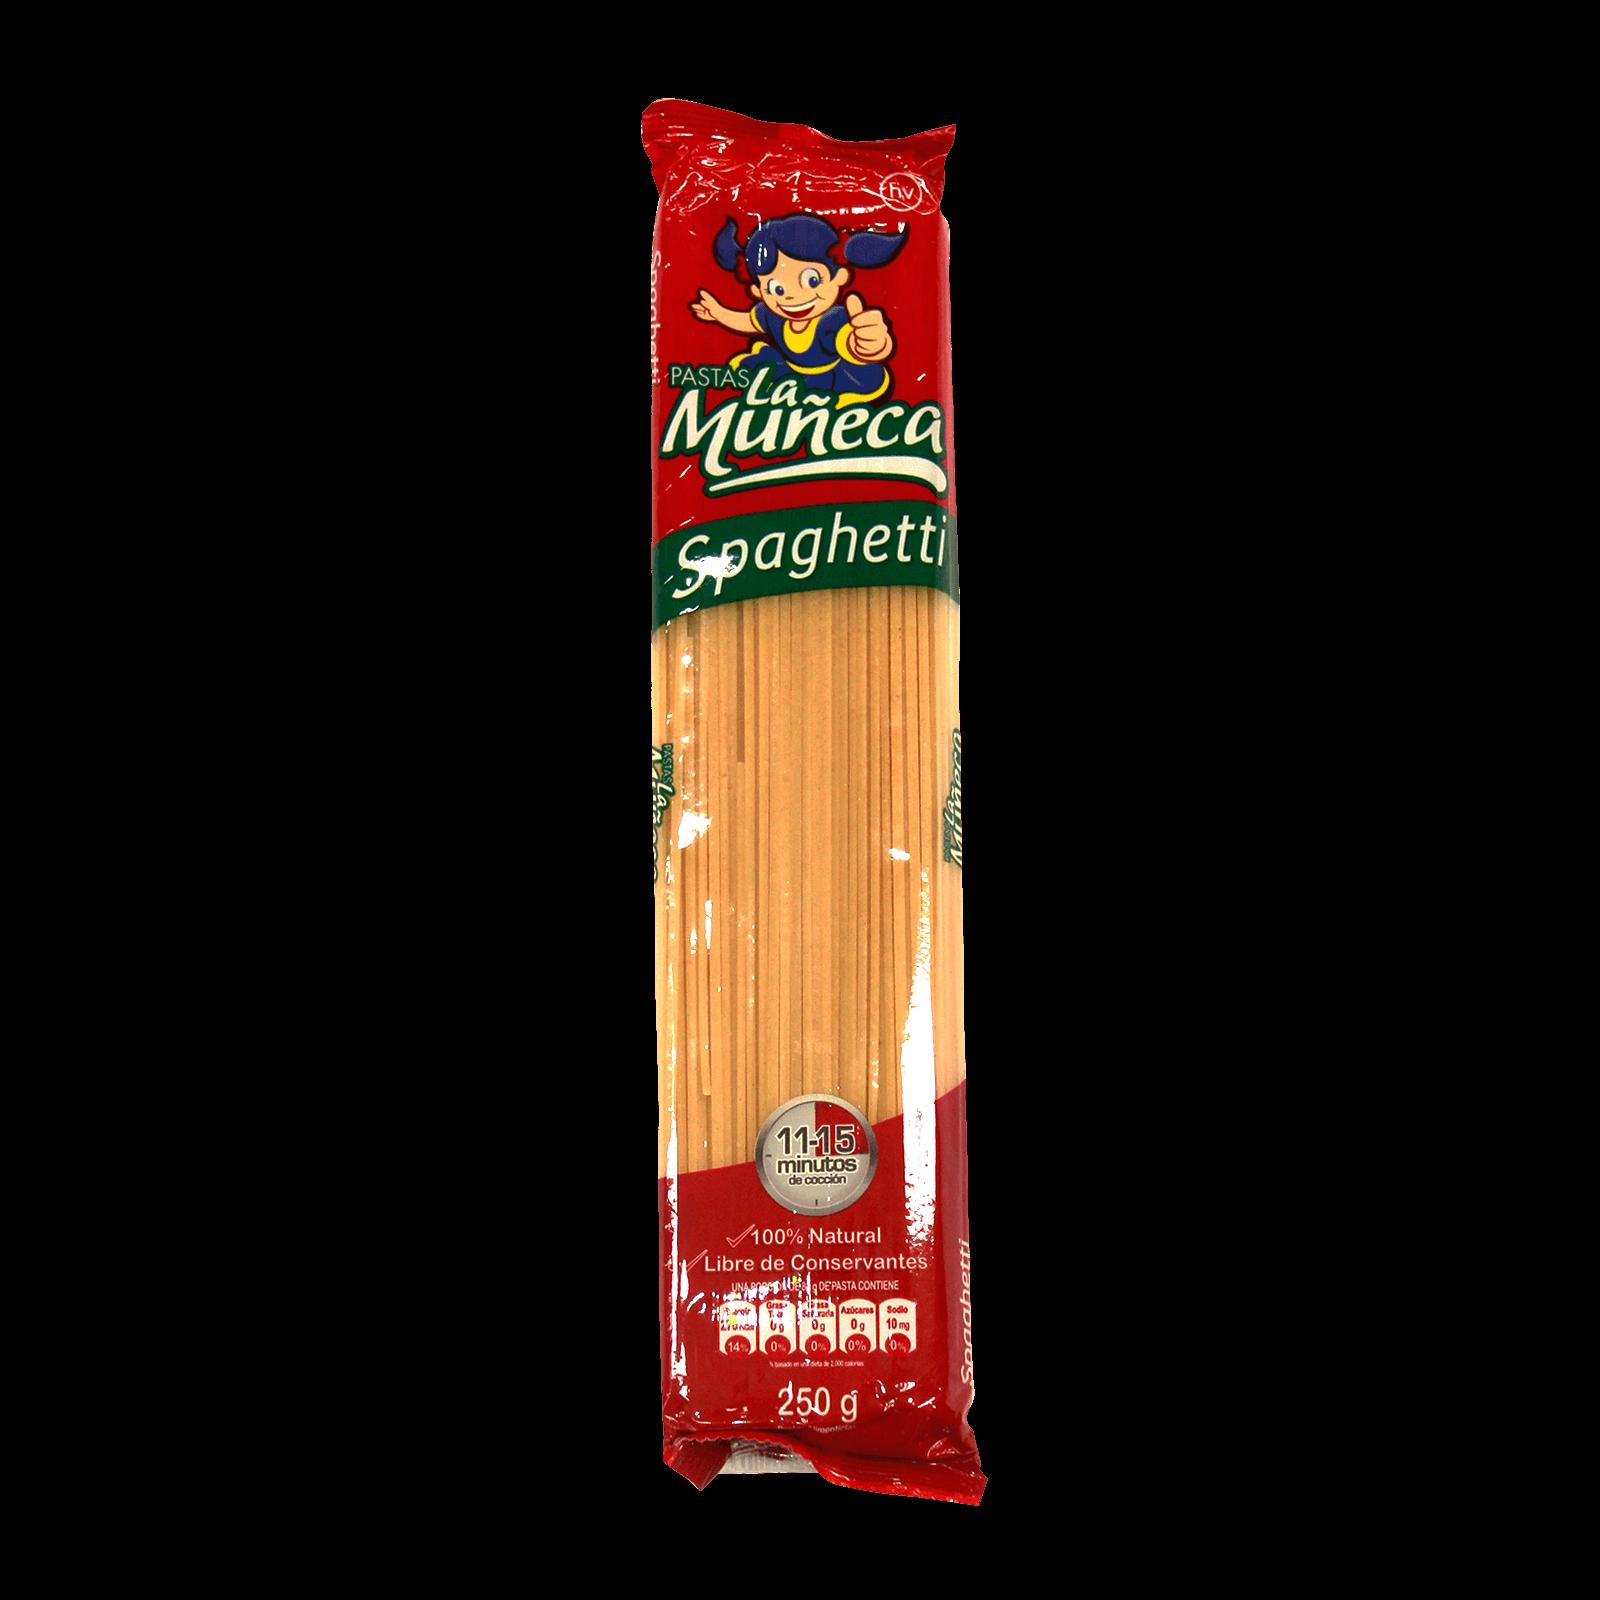 Pasta La Muñeca Spaghetti